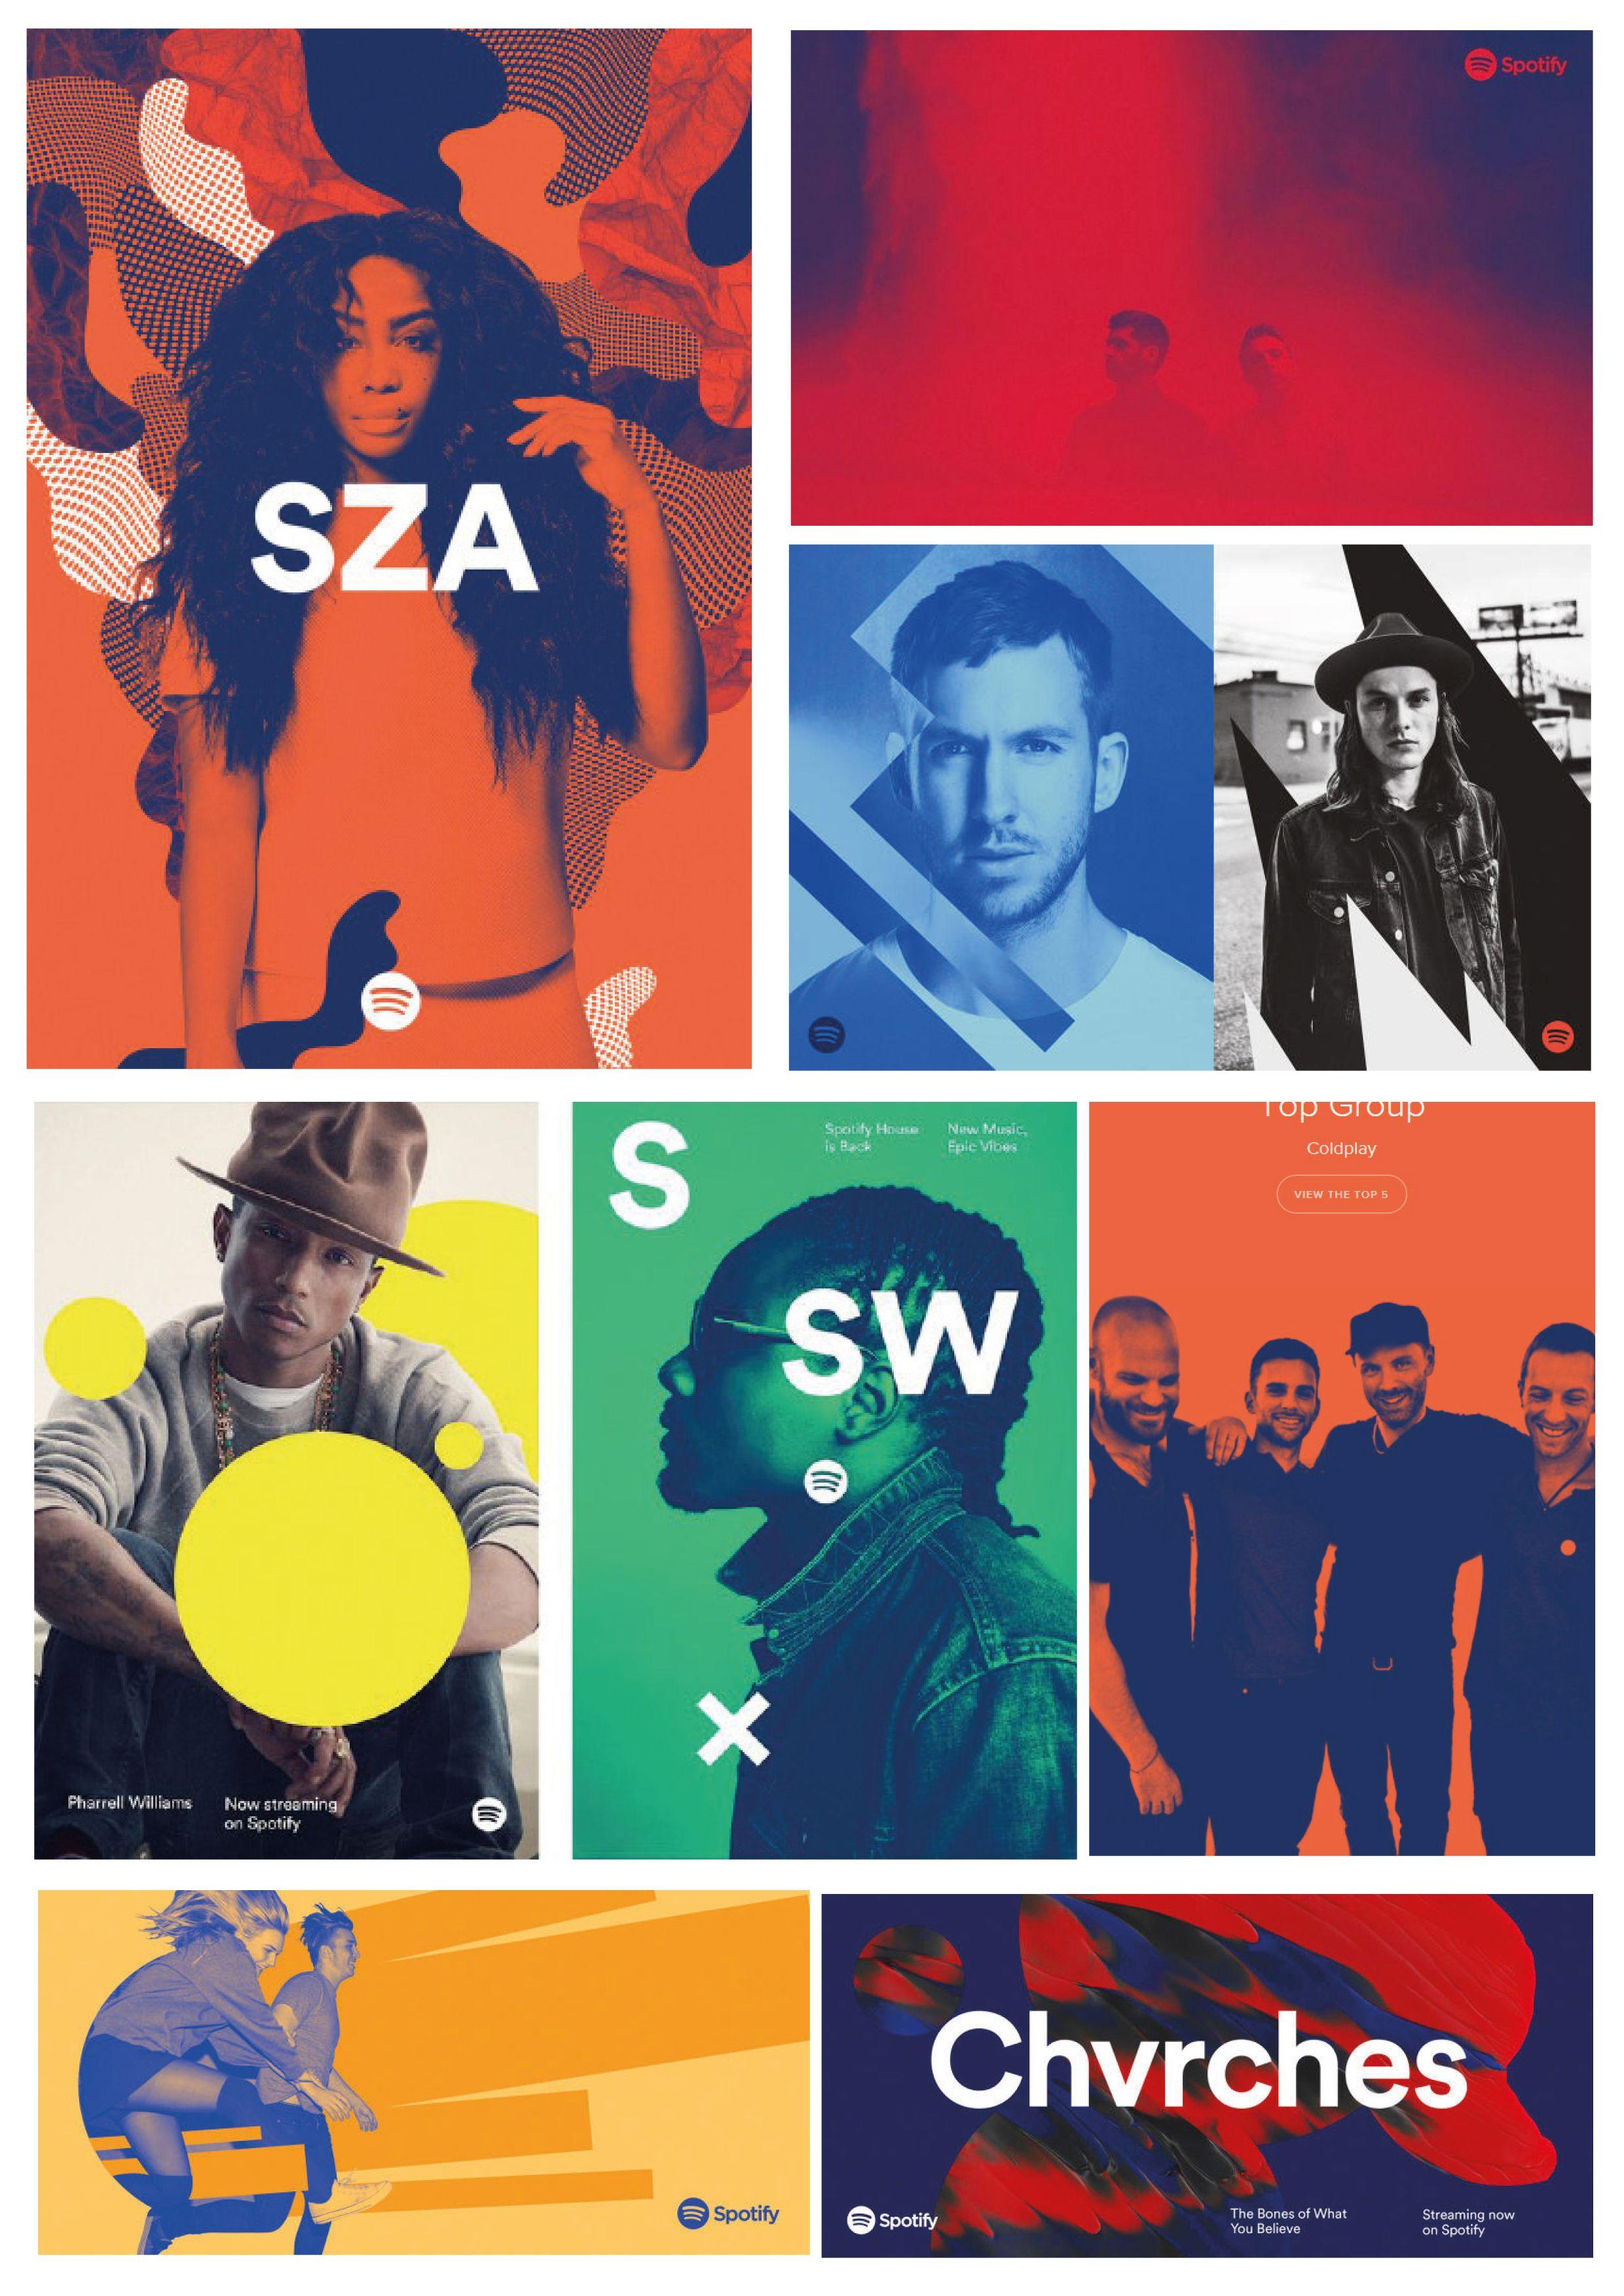 Diseño web de Spotify - Duotonos y degradados